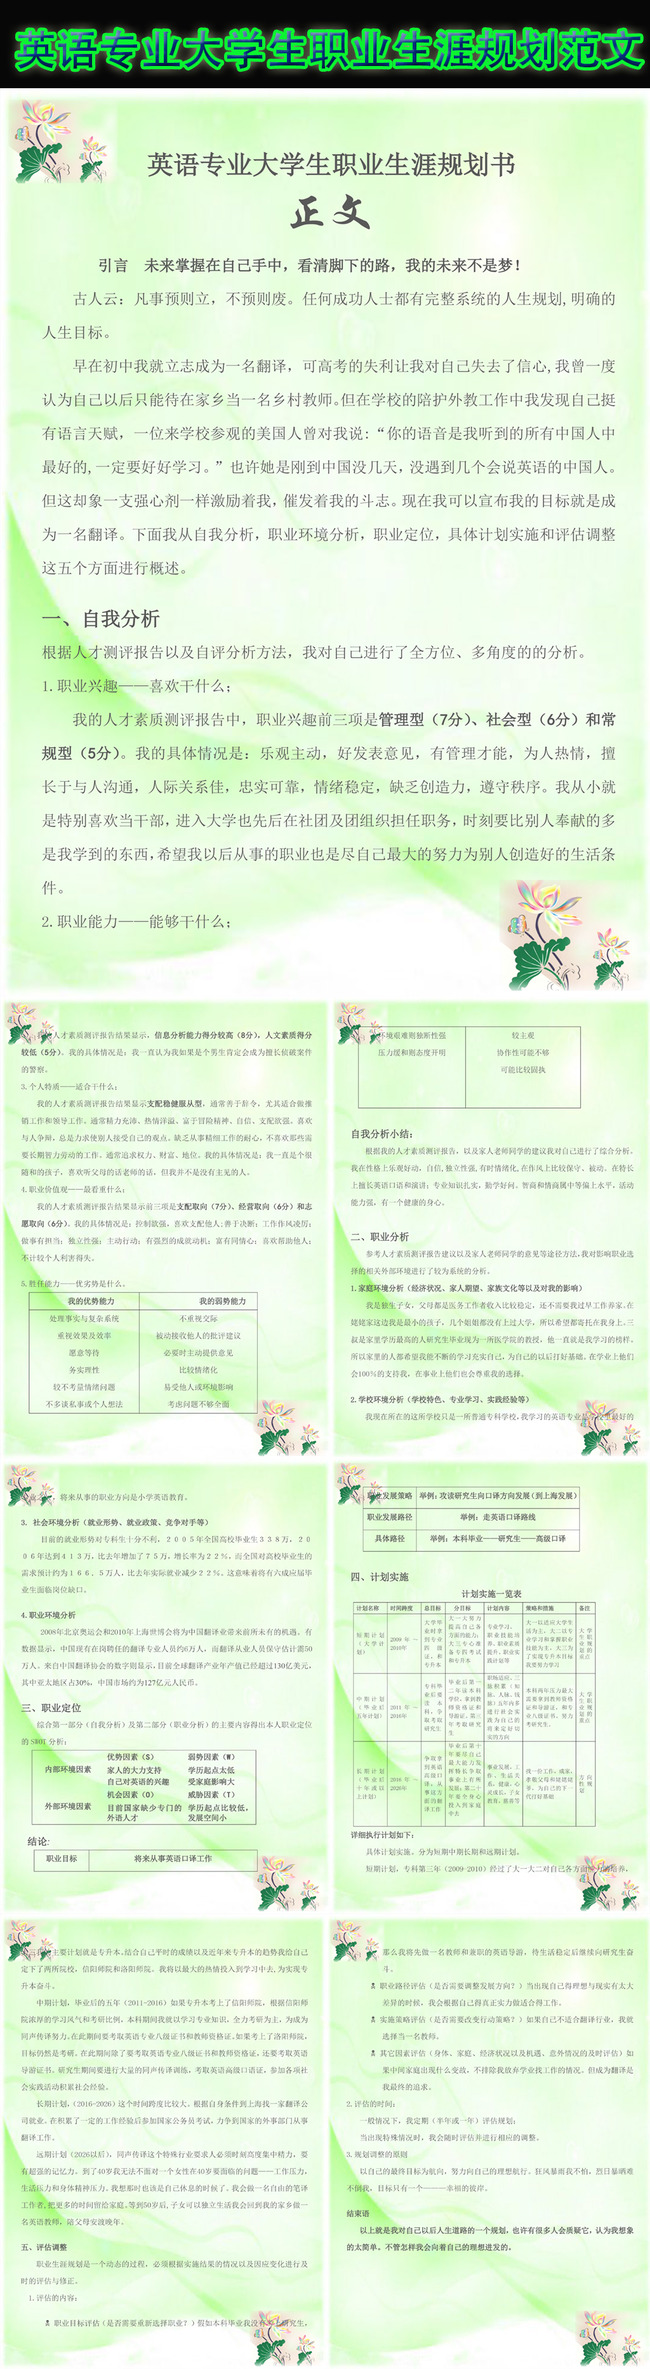 英语专业大学生职业生涯规划范文模板下载(图片编号:)